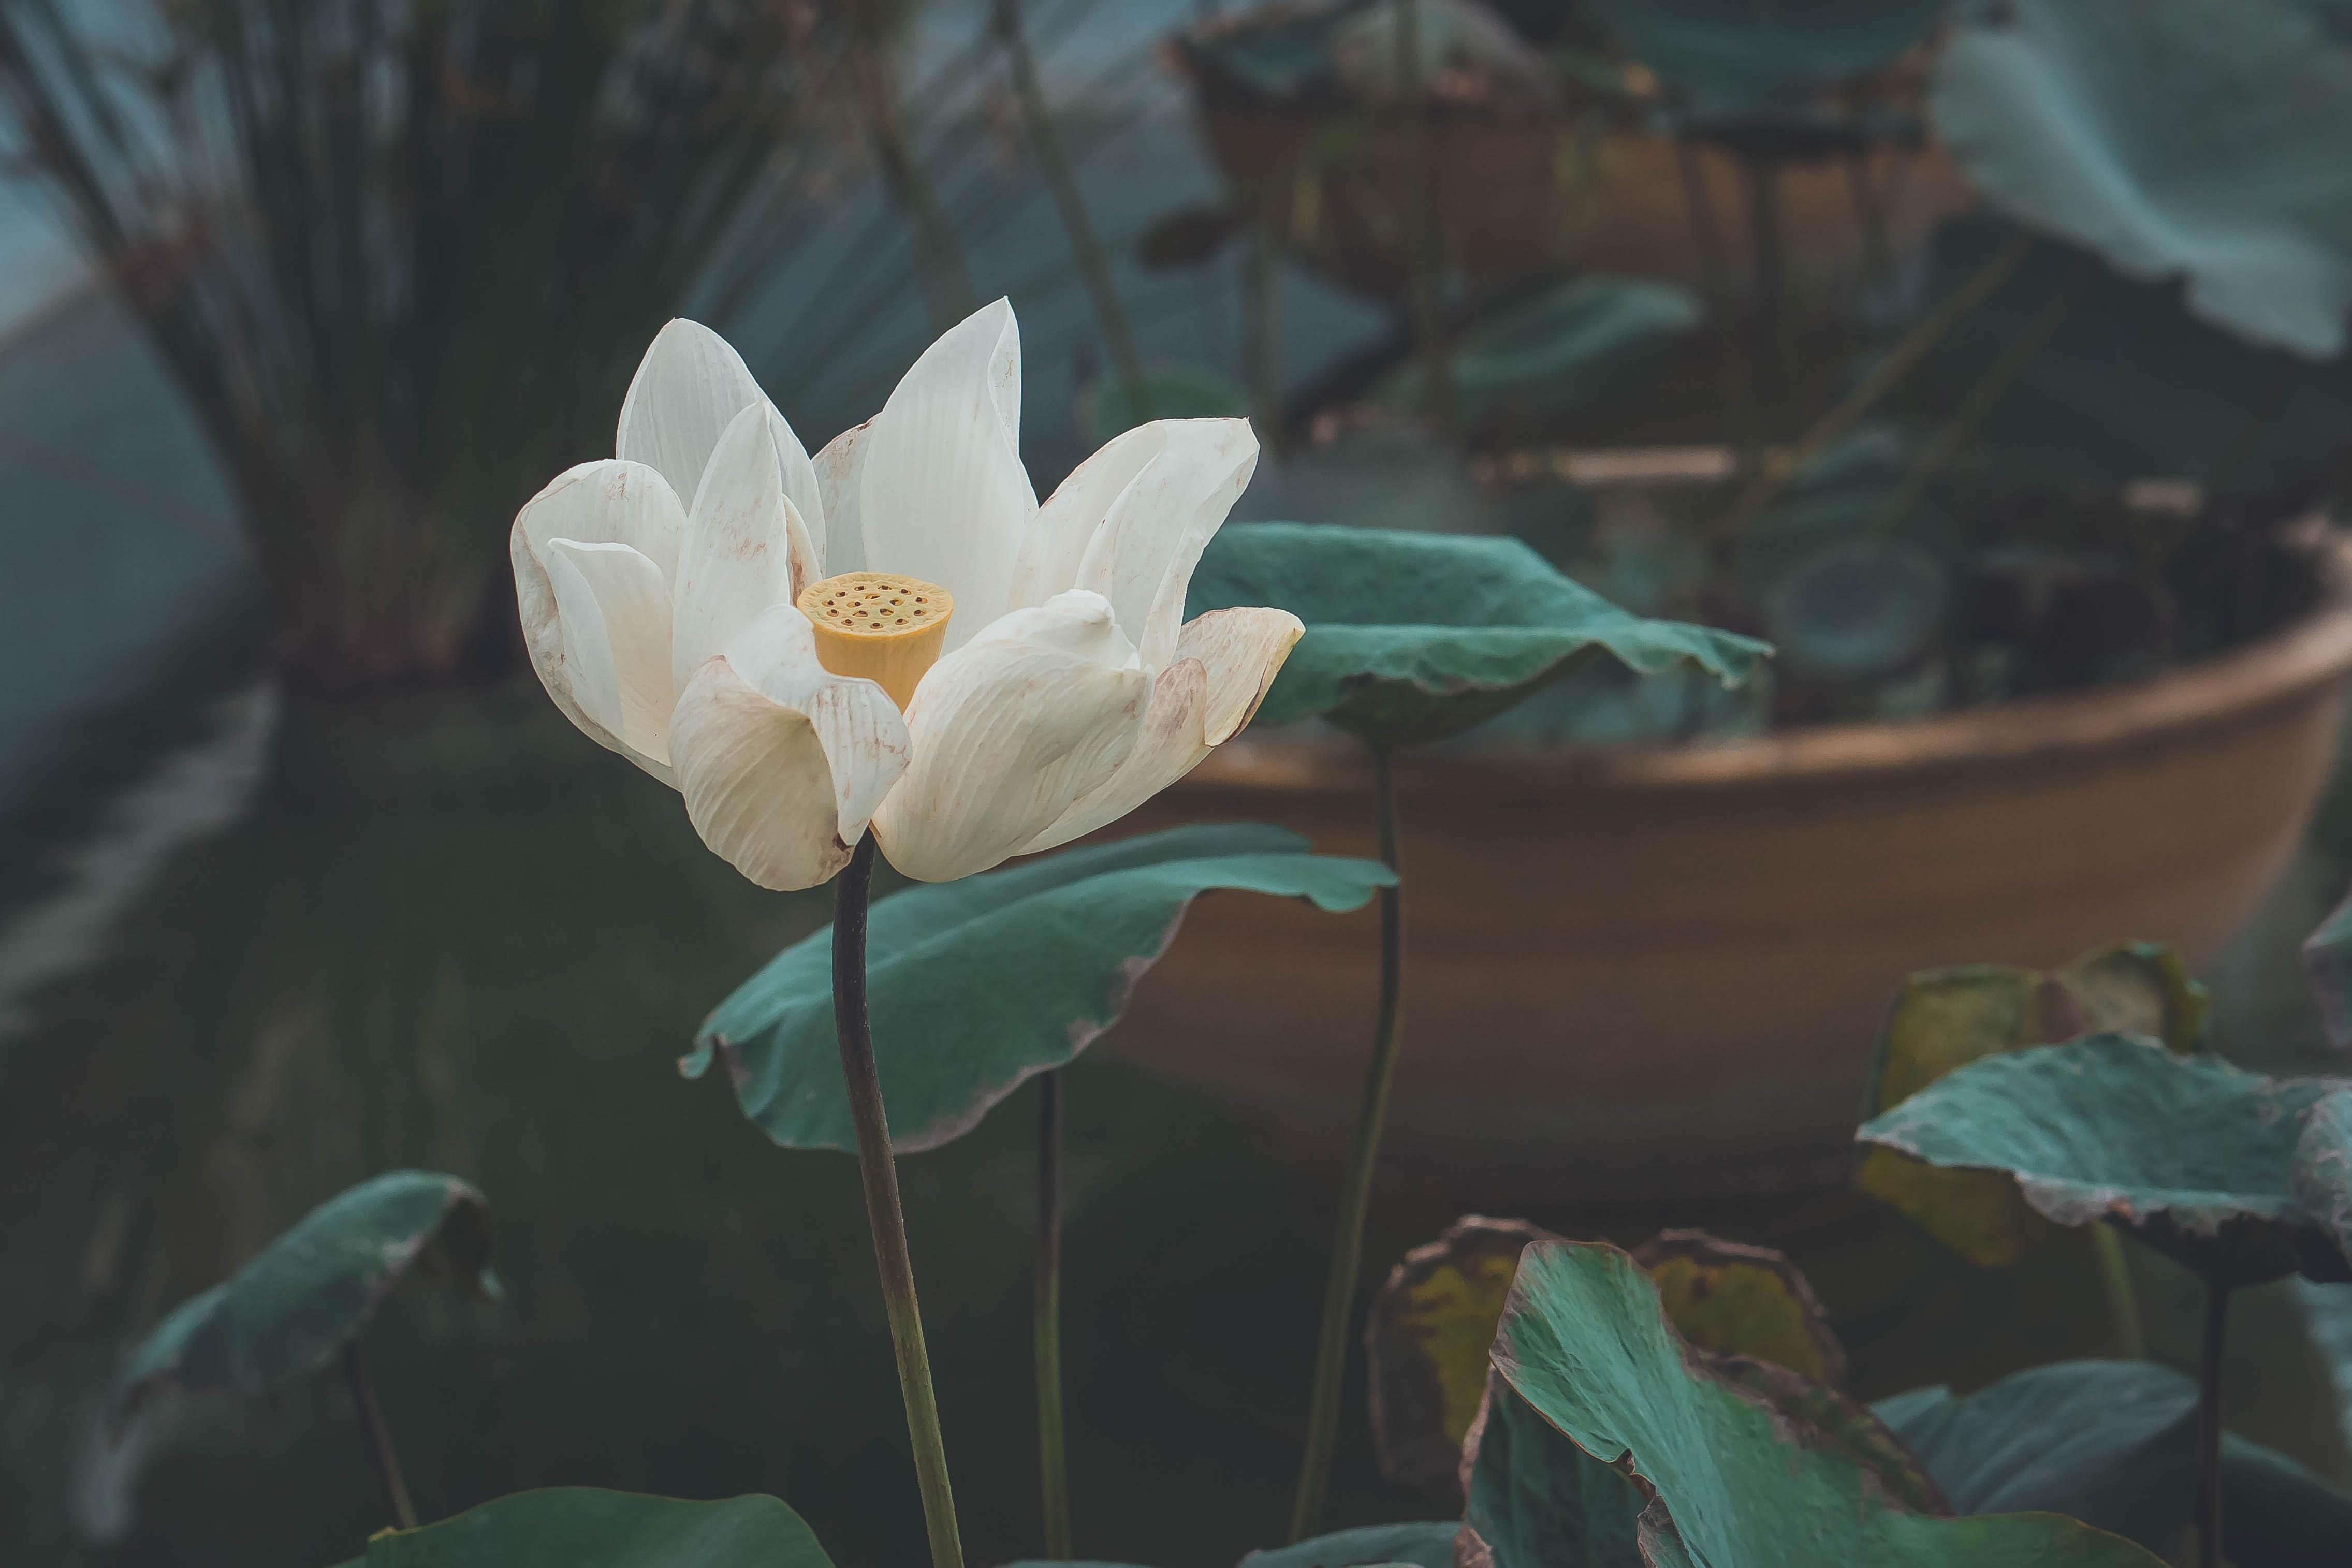 120538 Hintergrundbild herunterladen Blumen, Lotus, Blume, Blütenblätter, Knospe, Bud, Blühen, Blühenden - Bildschirmschoner und Bilder kostenlos